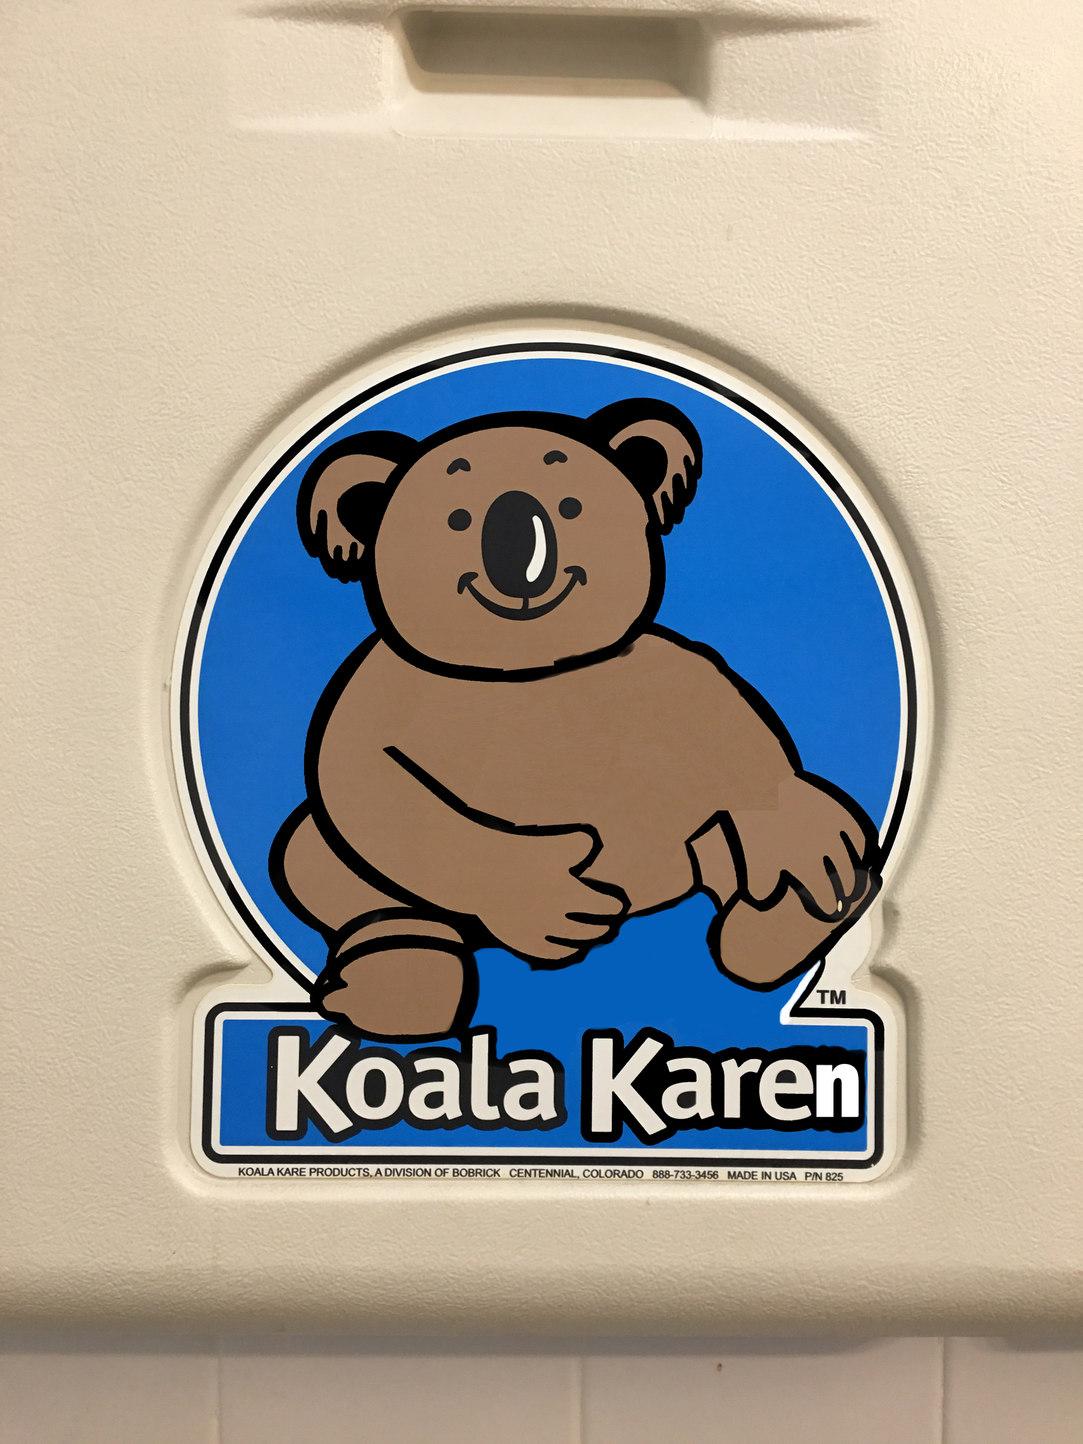 Koala Karen - meme